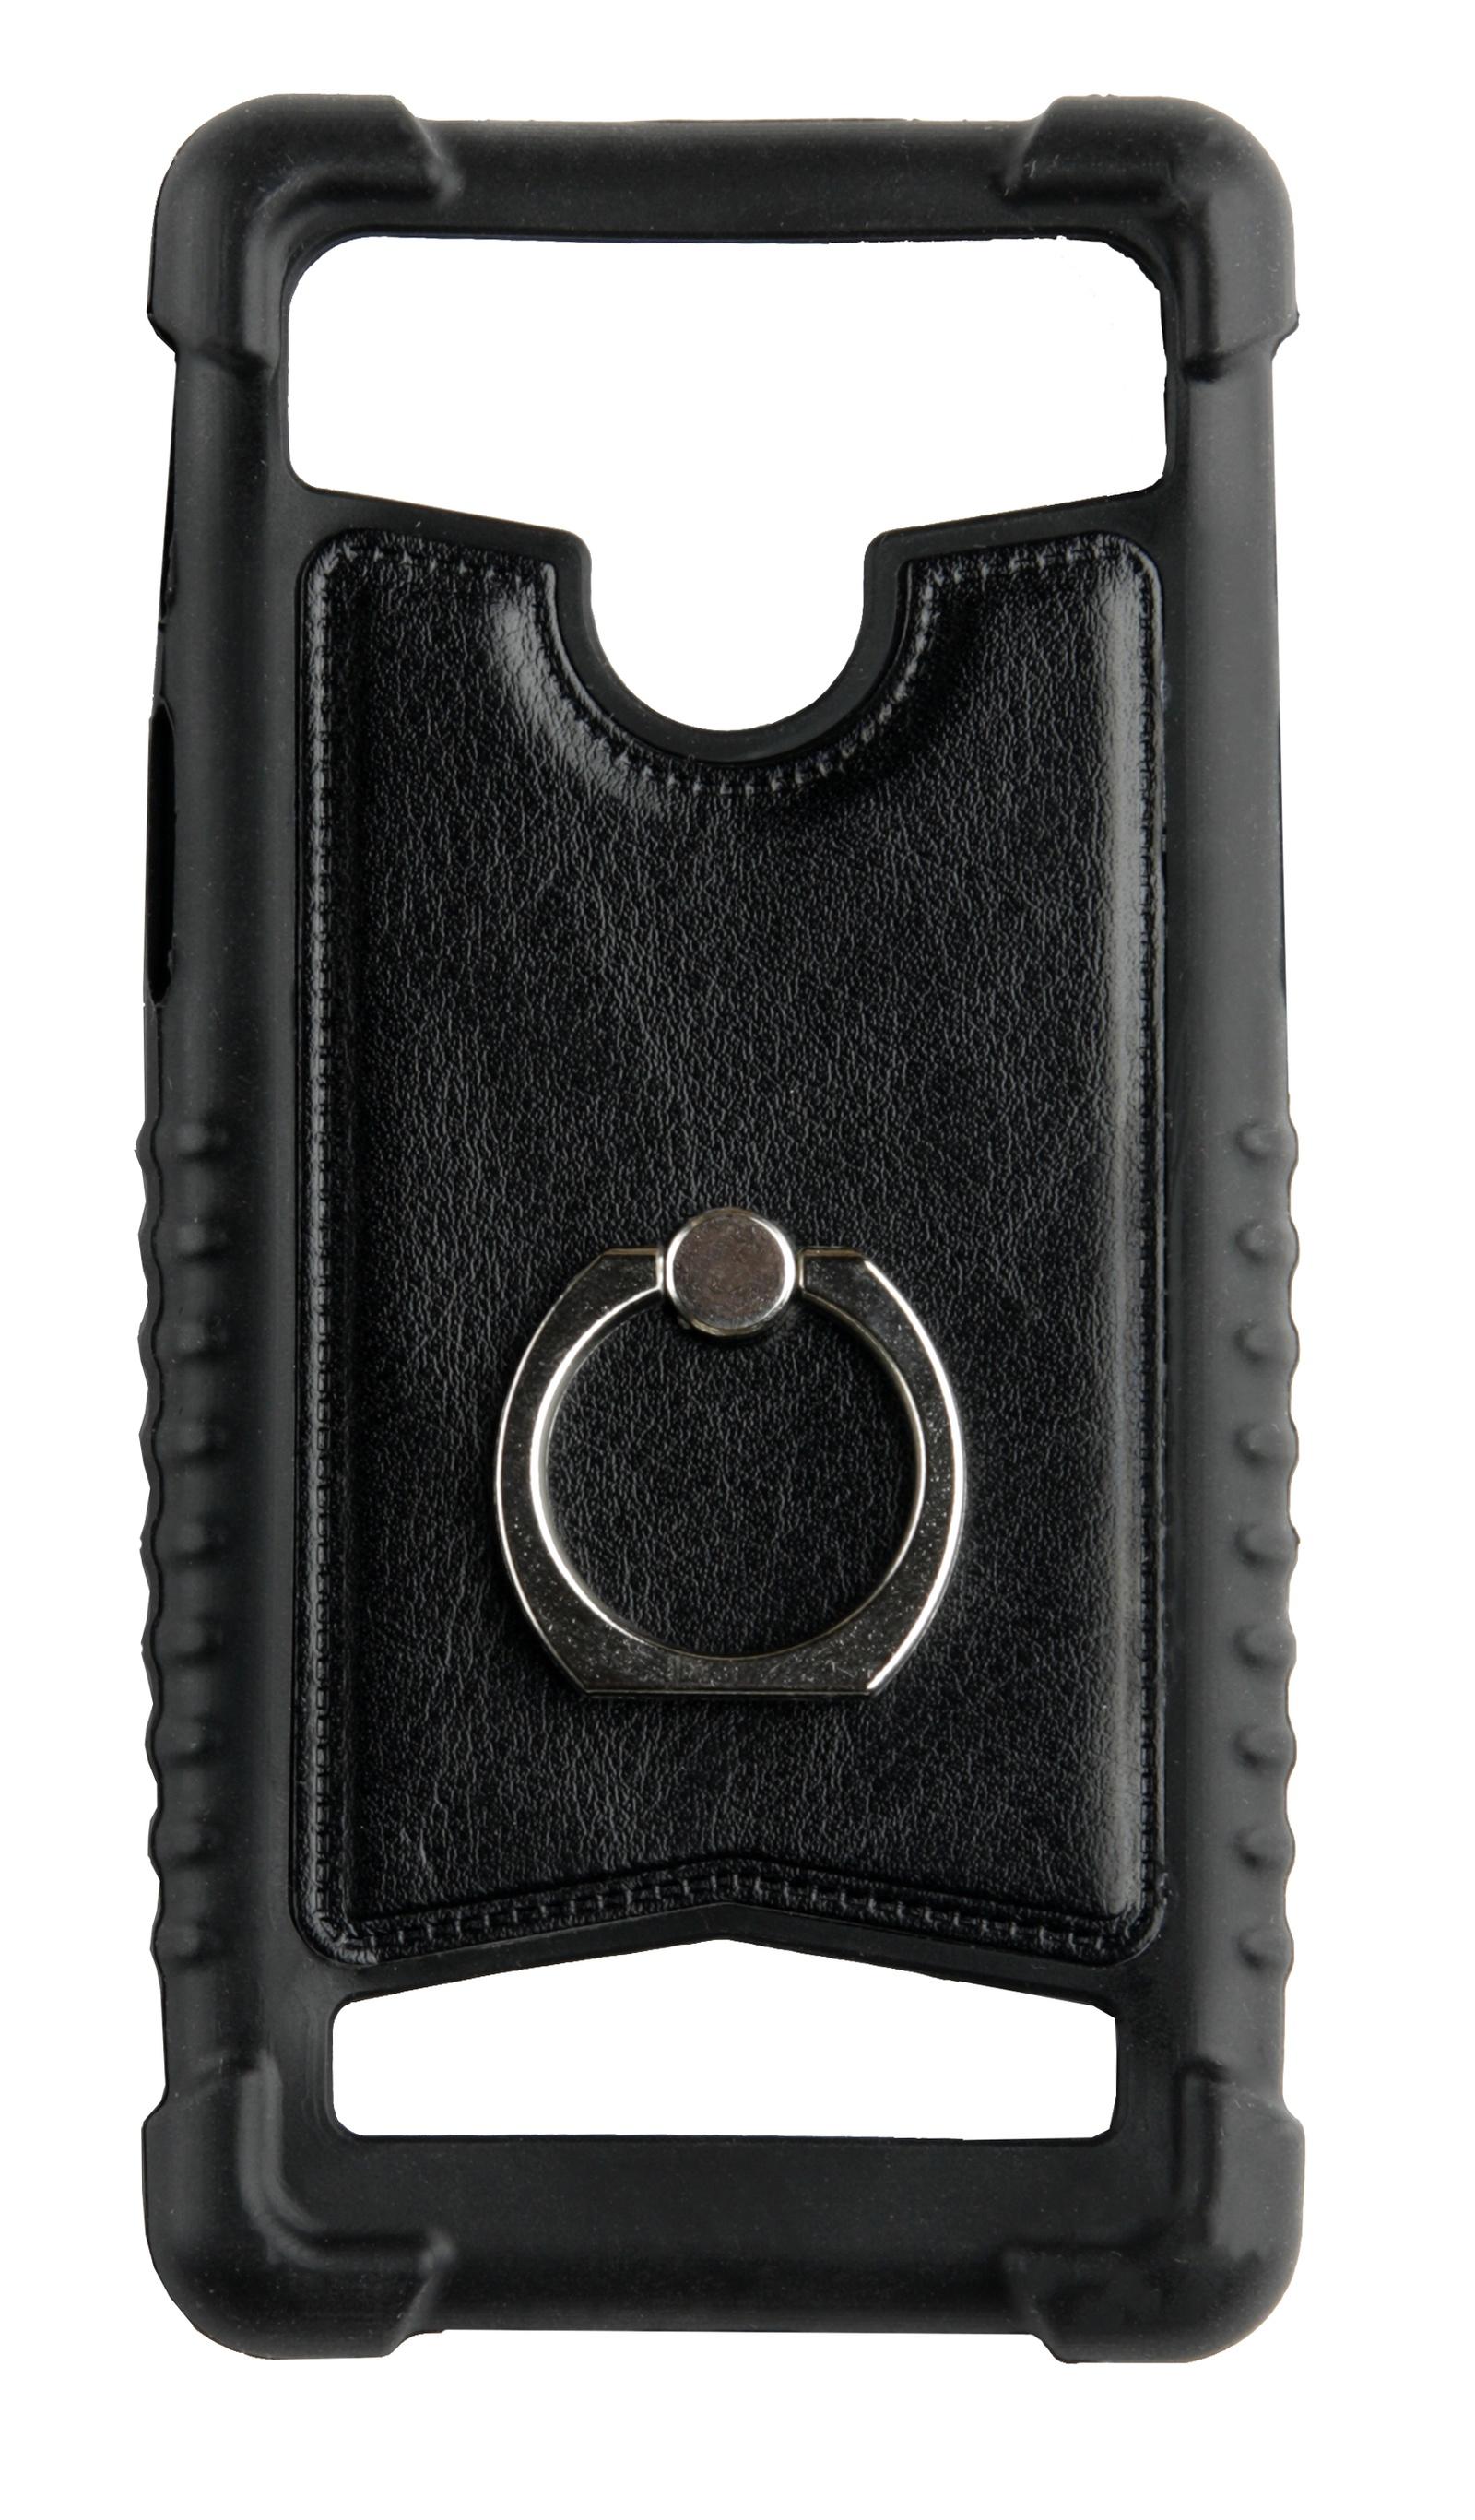 Чехол для сотового телефона skinBOX Universal 5-5.2 ring, 4660041408898, черный чехол activ 3 5 5 5 inch armband universal green 73678